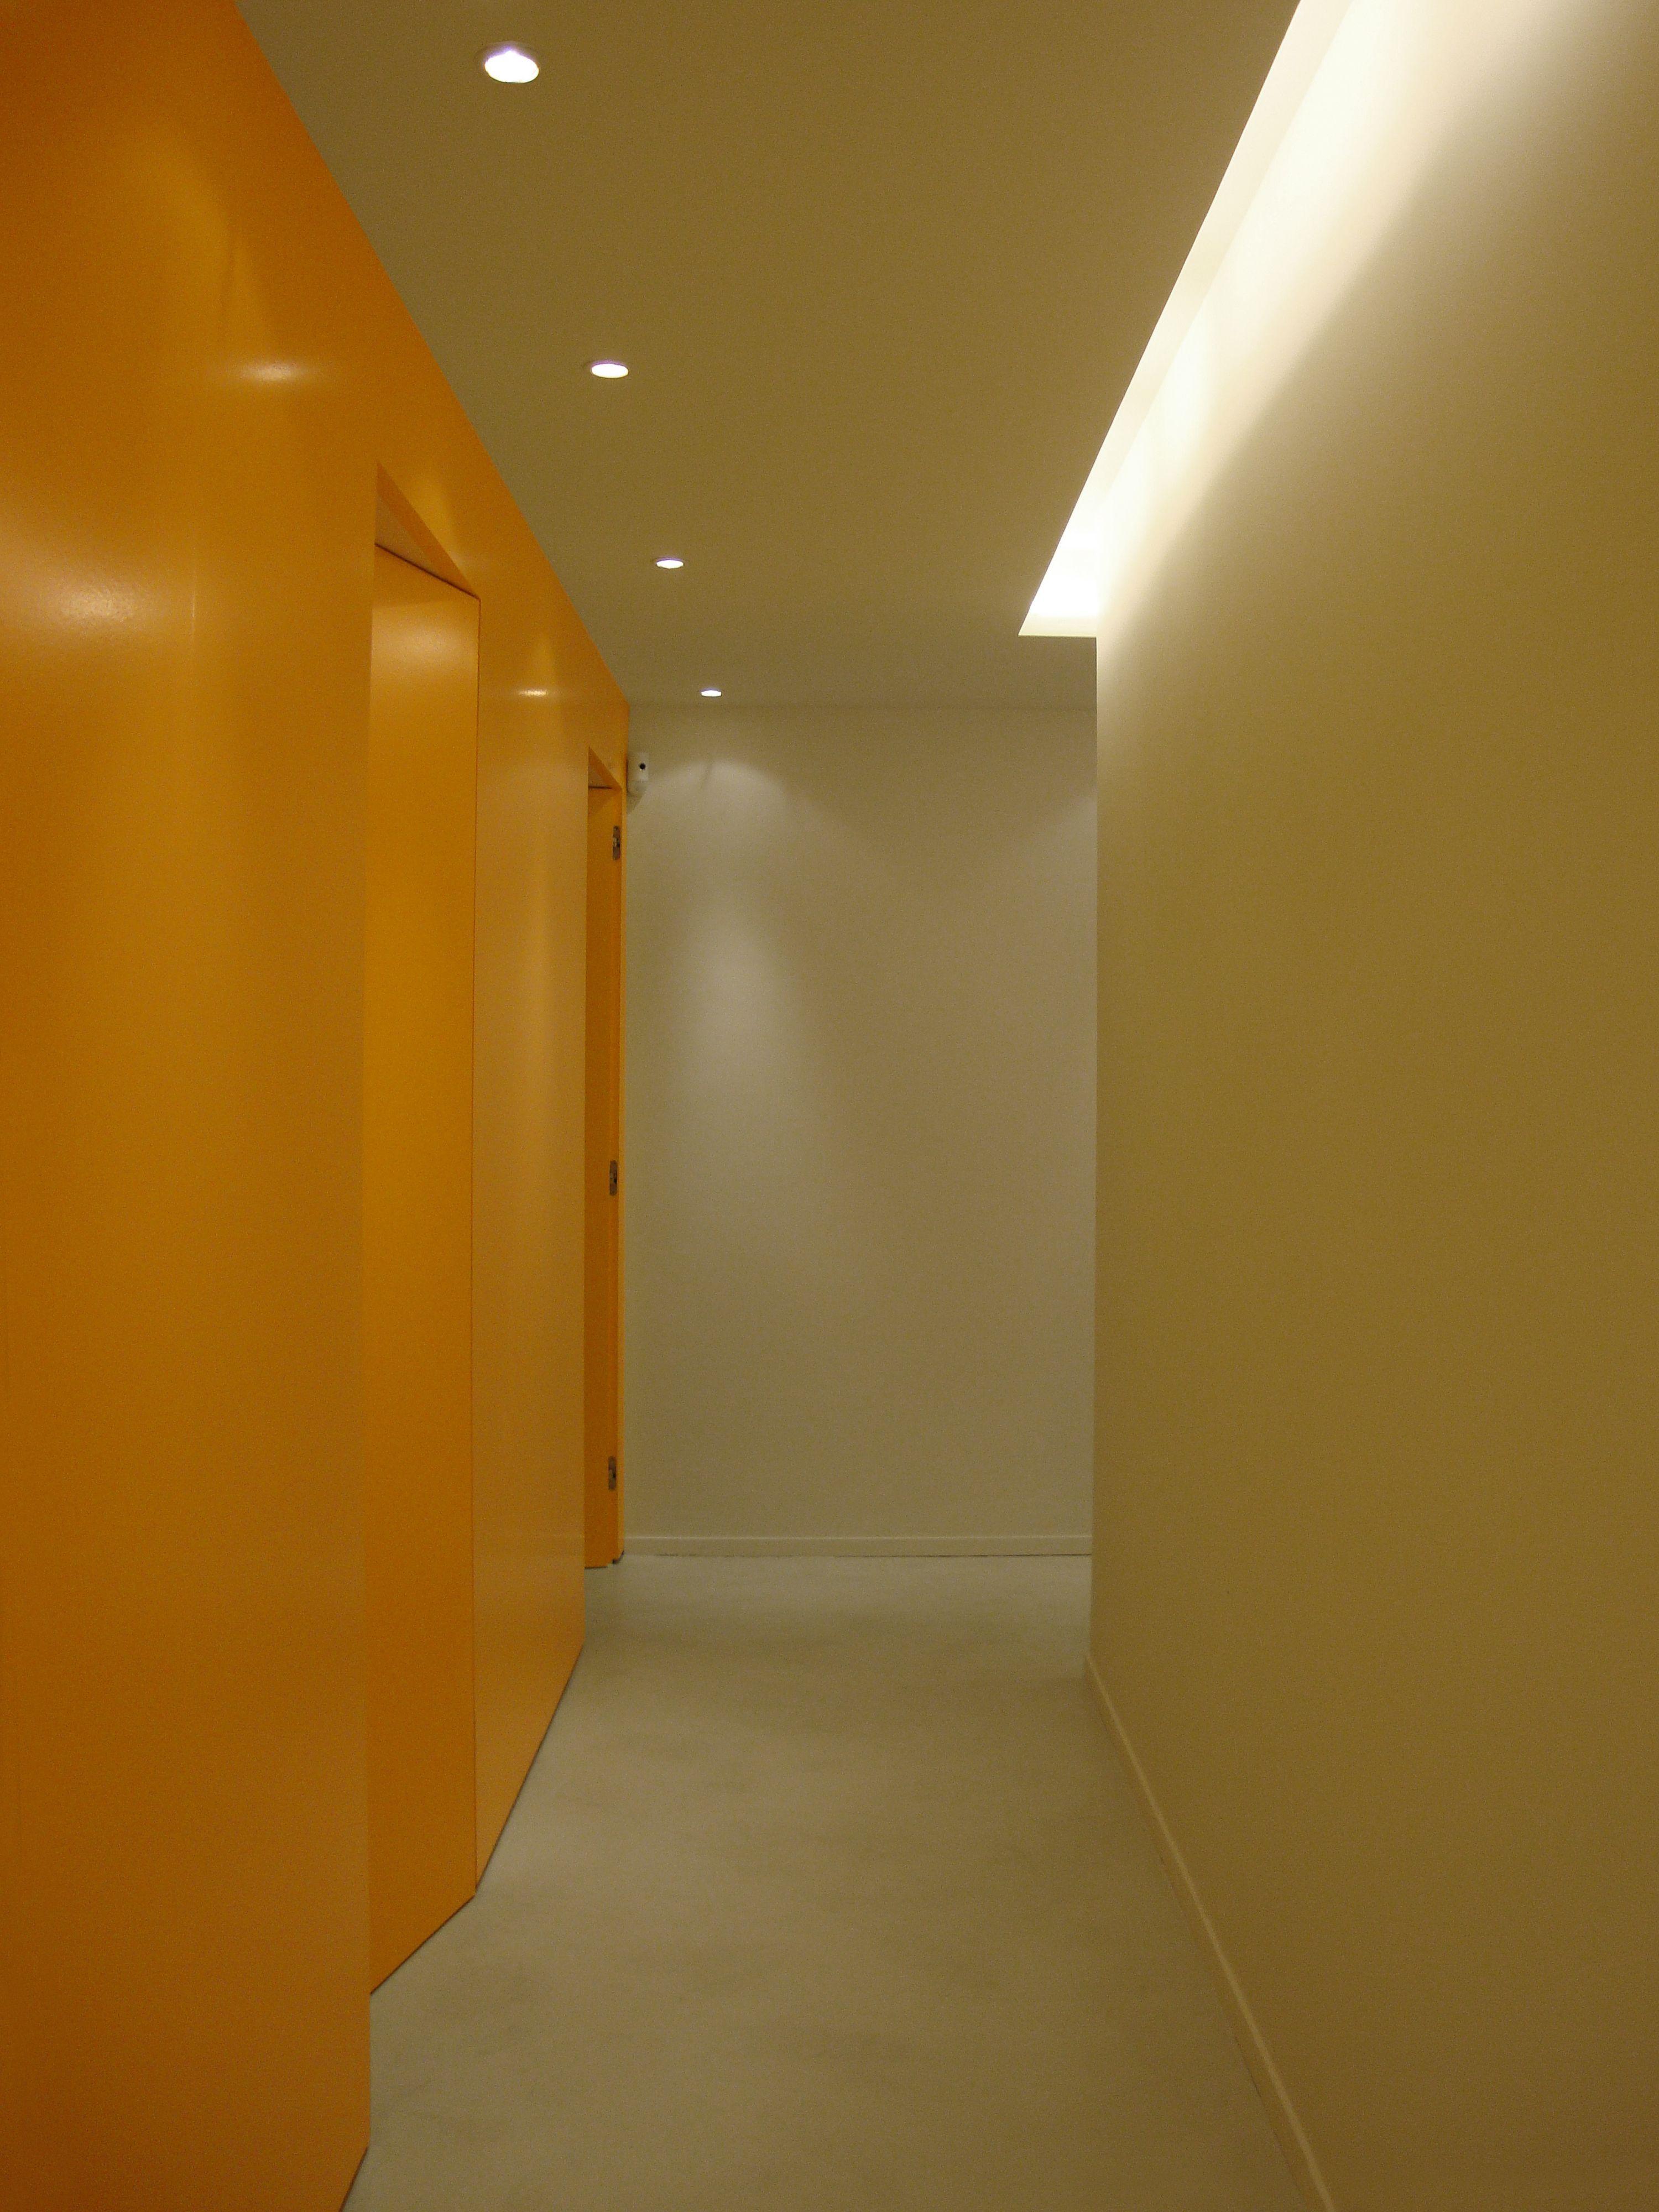 Pasillo de cabinas del centro de adelgazamiento #Snella en #Barcelona   #lockerroom #slimming #corridor #wood